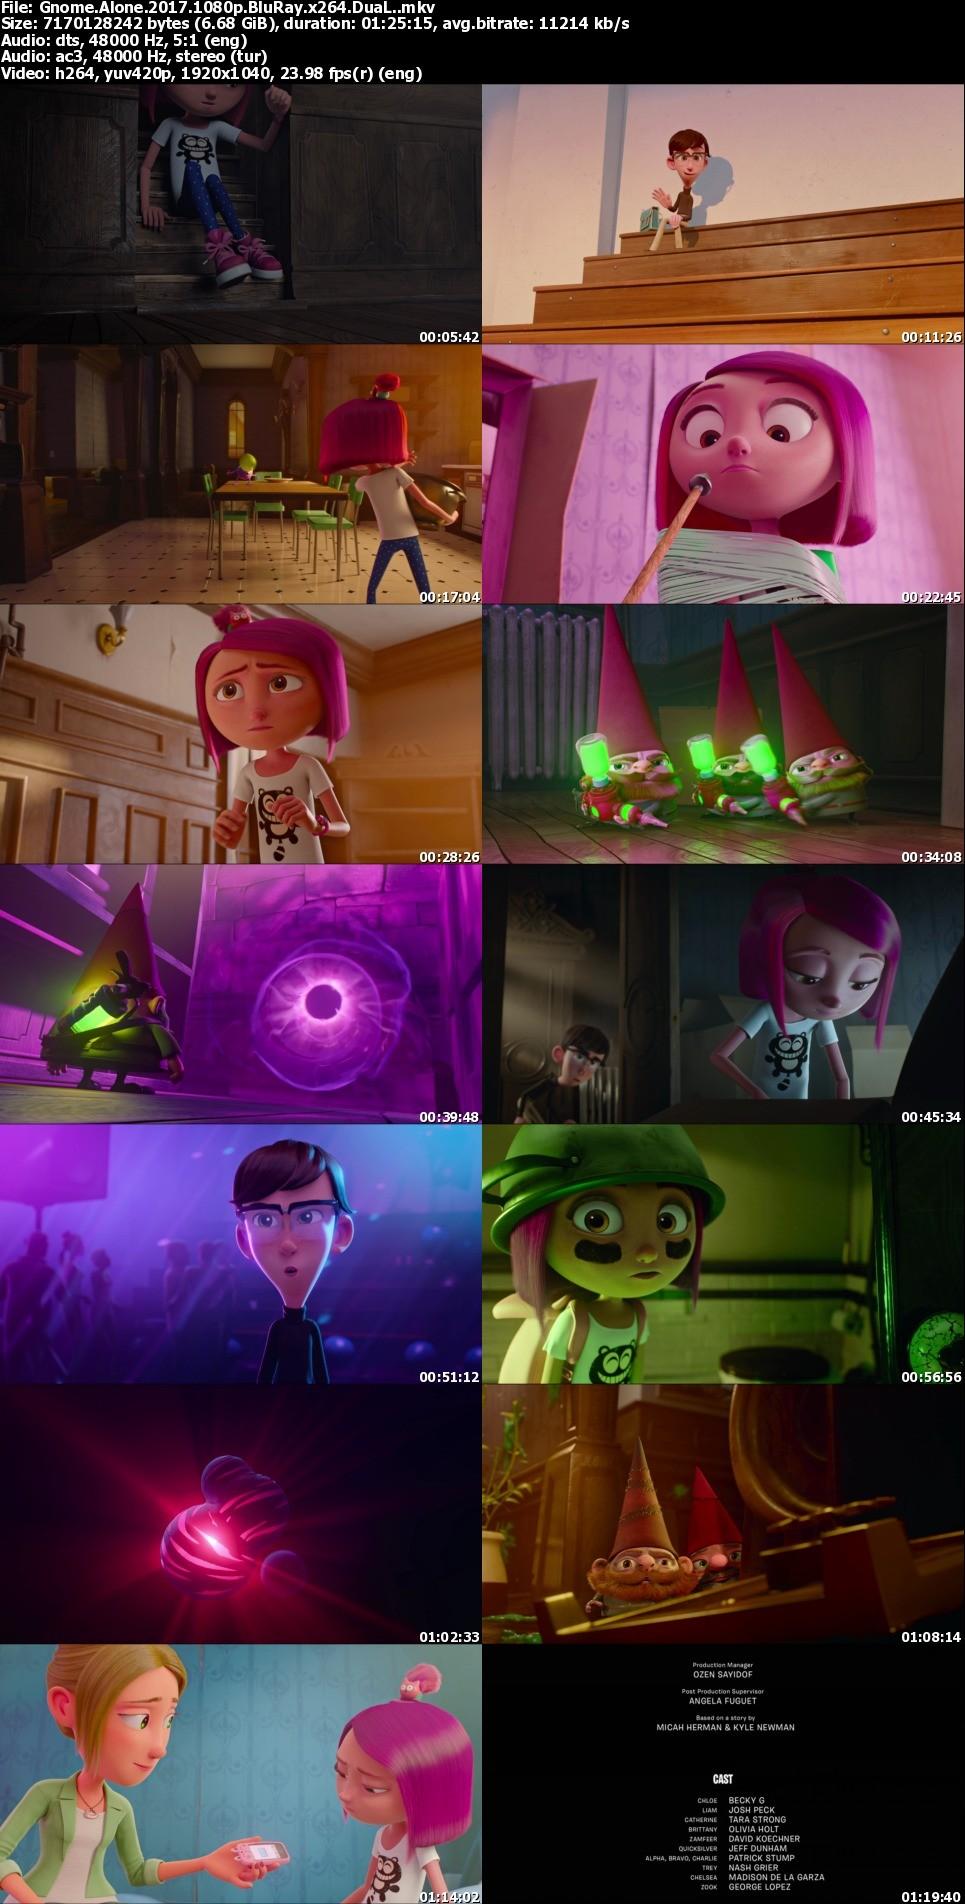 Küçük Kahramanlar - Gnome Alone - 2017 - 1080p / TR / Dublaj - DuaL (TR-EN)